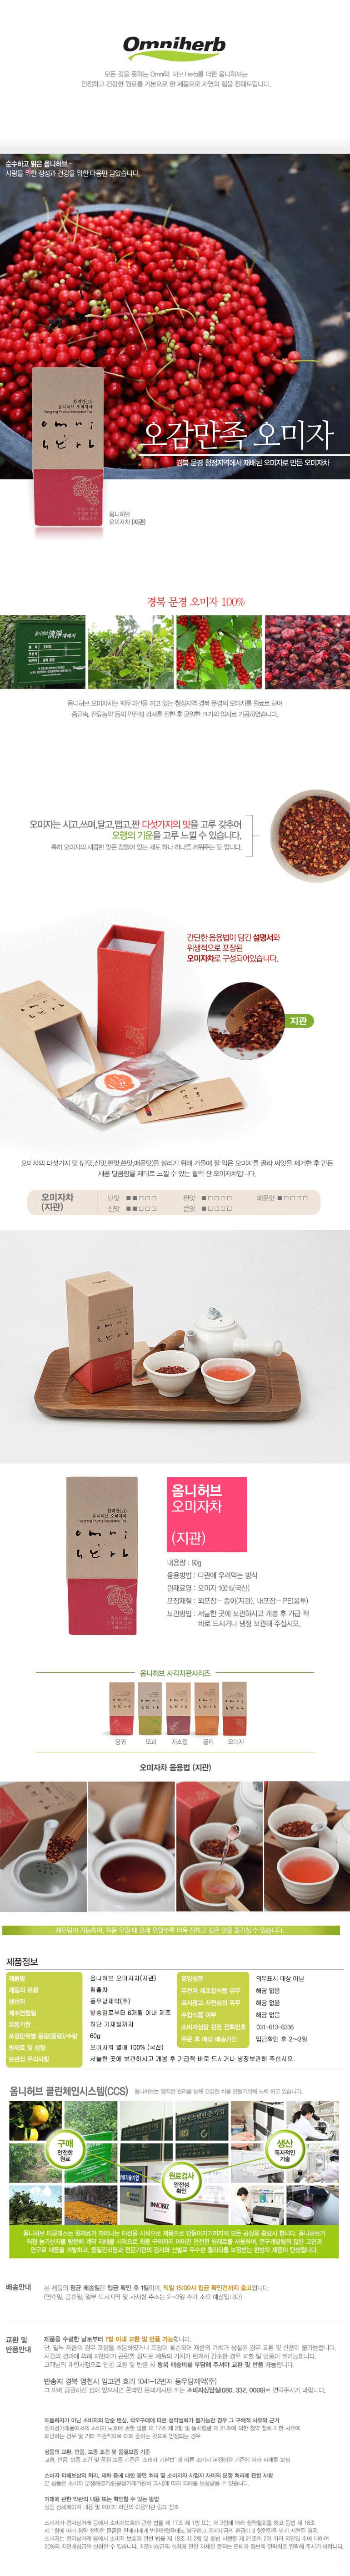 [ OMNIHERB ] [オムニハーブ]韓方茶 2種セット(紫蘇茶+五味子茶)ギフトセット